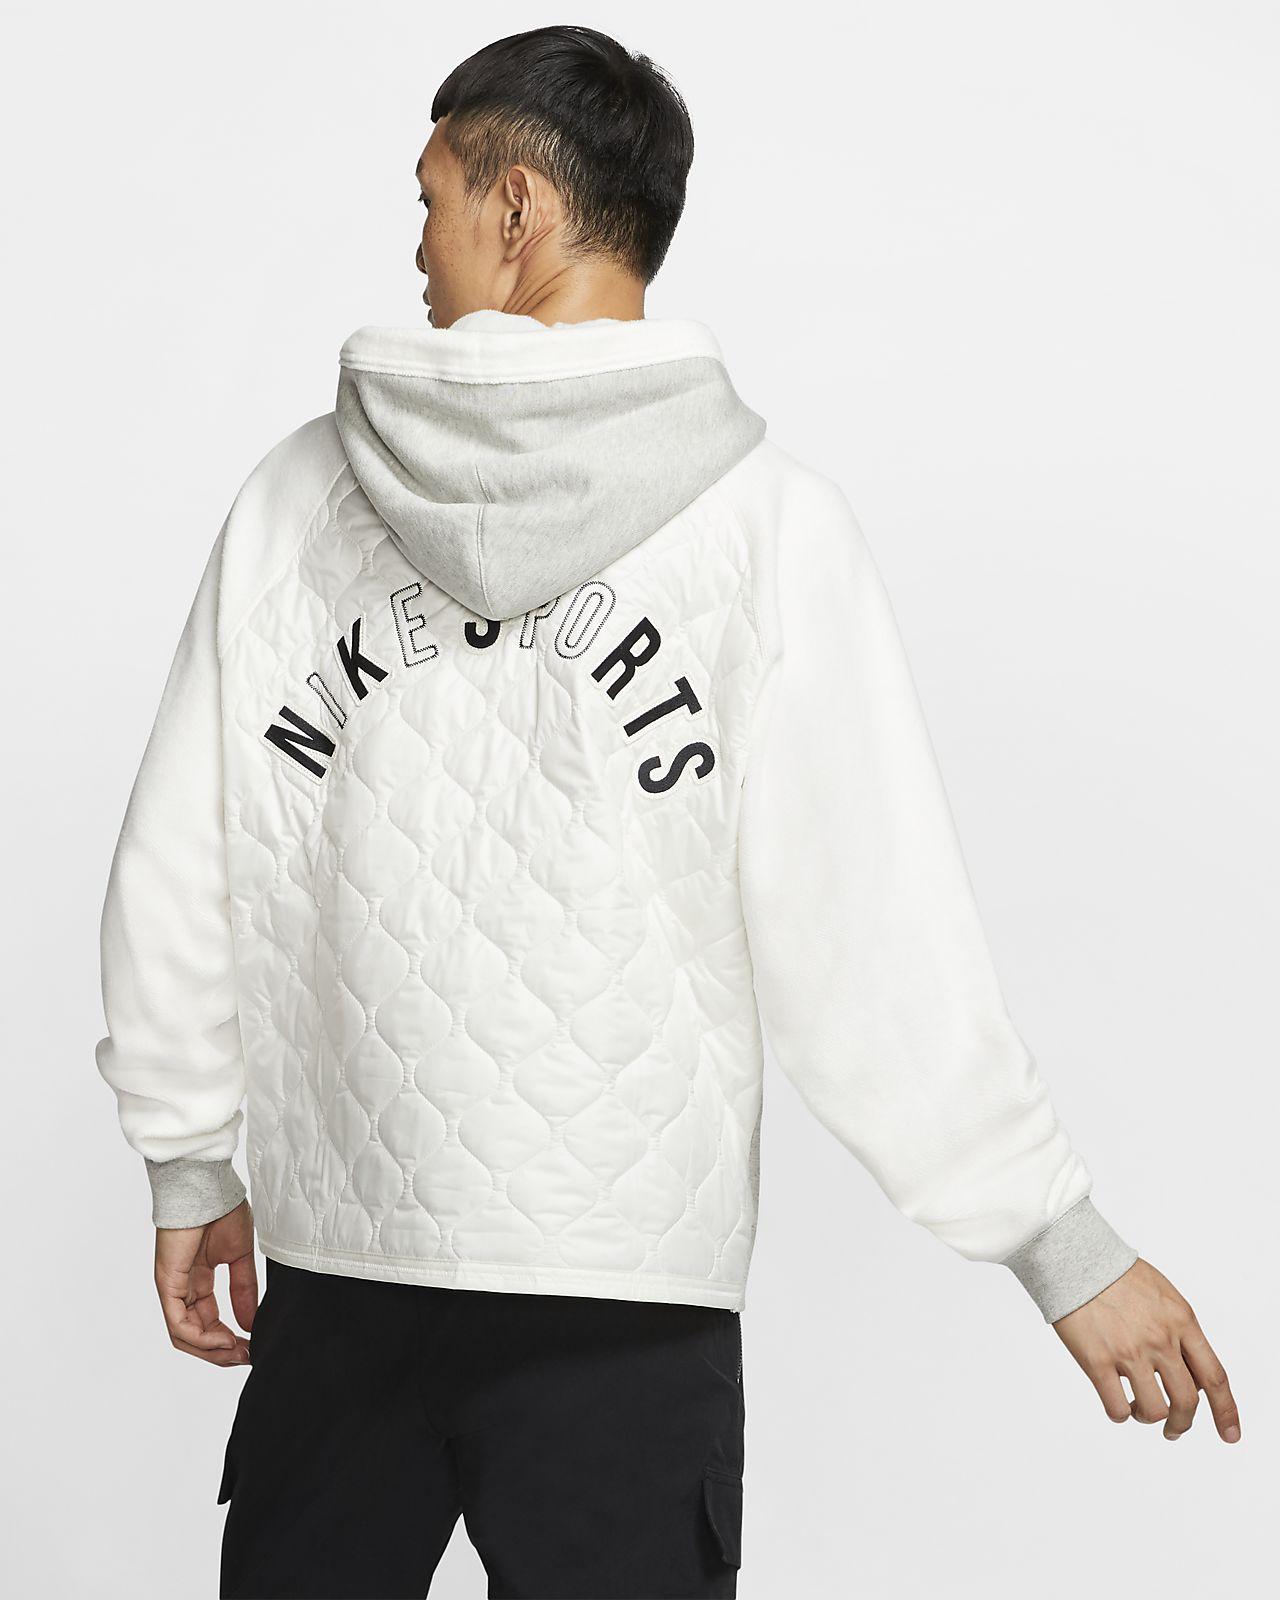 promo code 56458 adb41 Nike Sportswear Nike Sport Pack Men's Fleece Pullover Hoodie